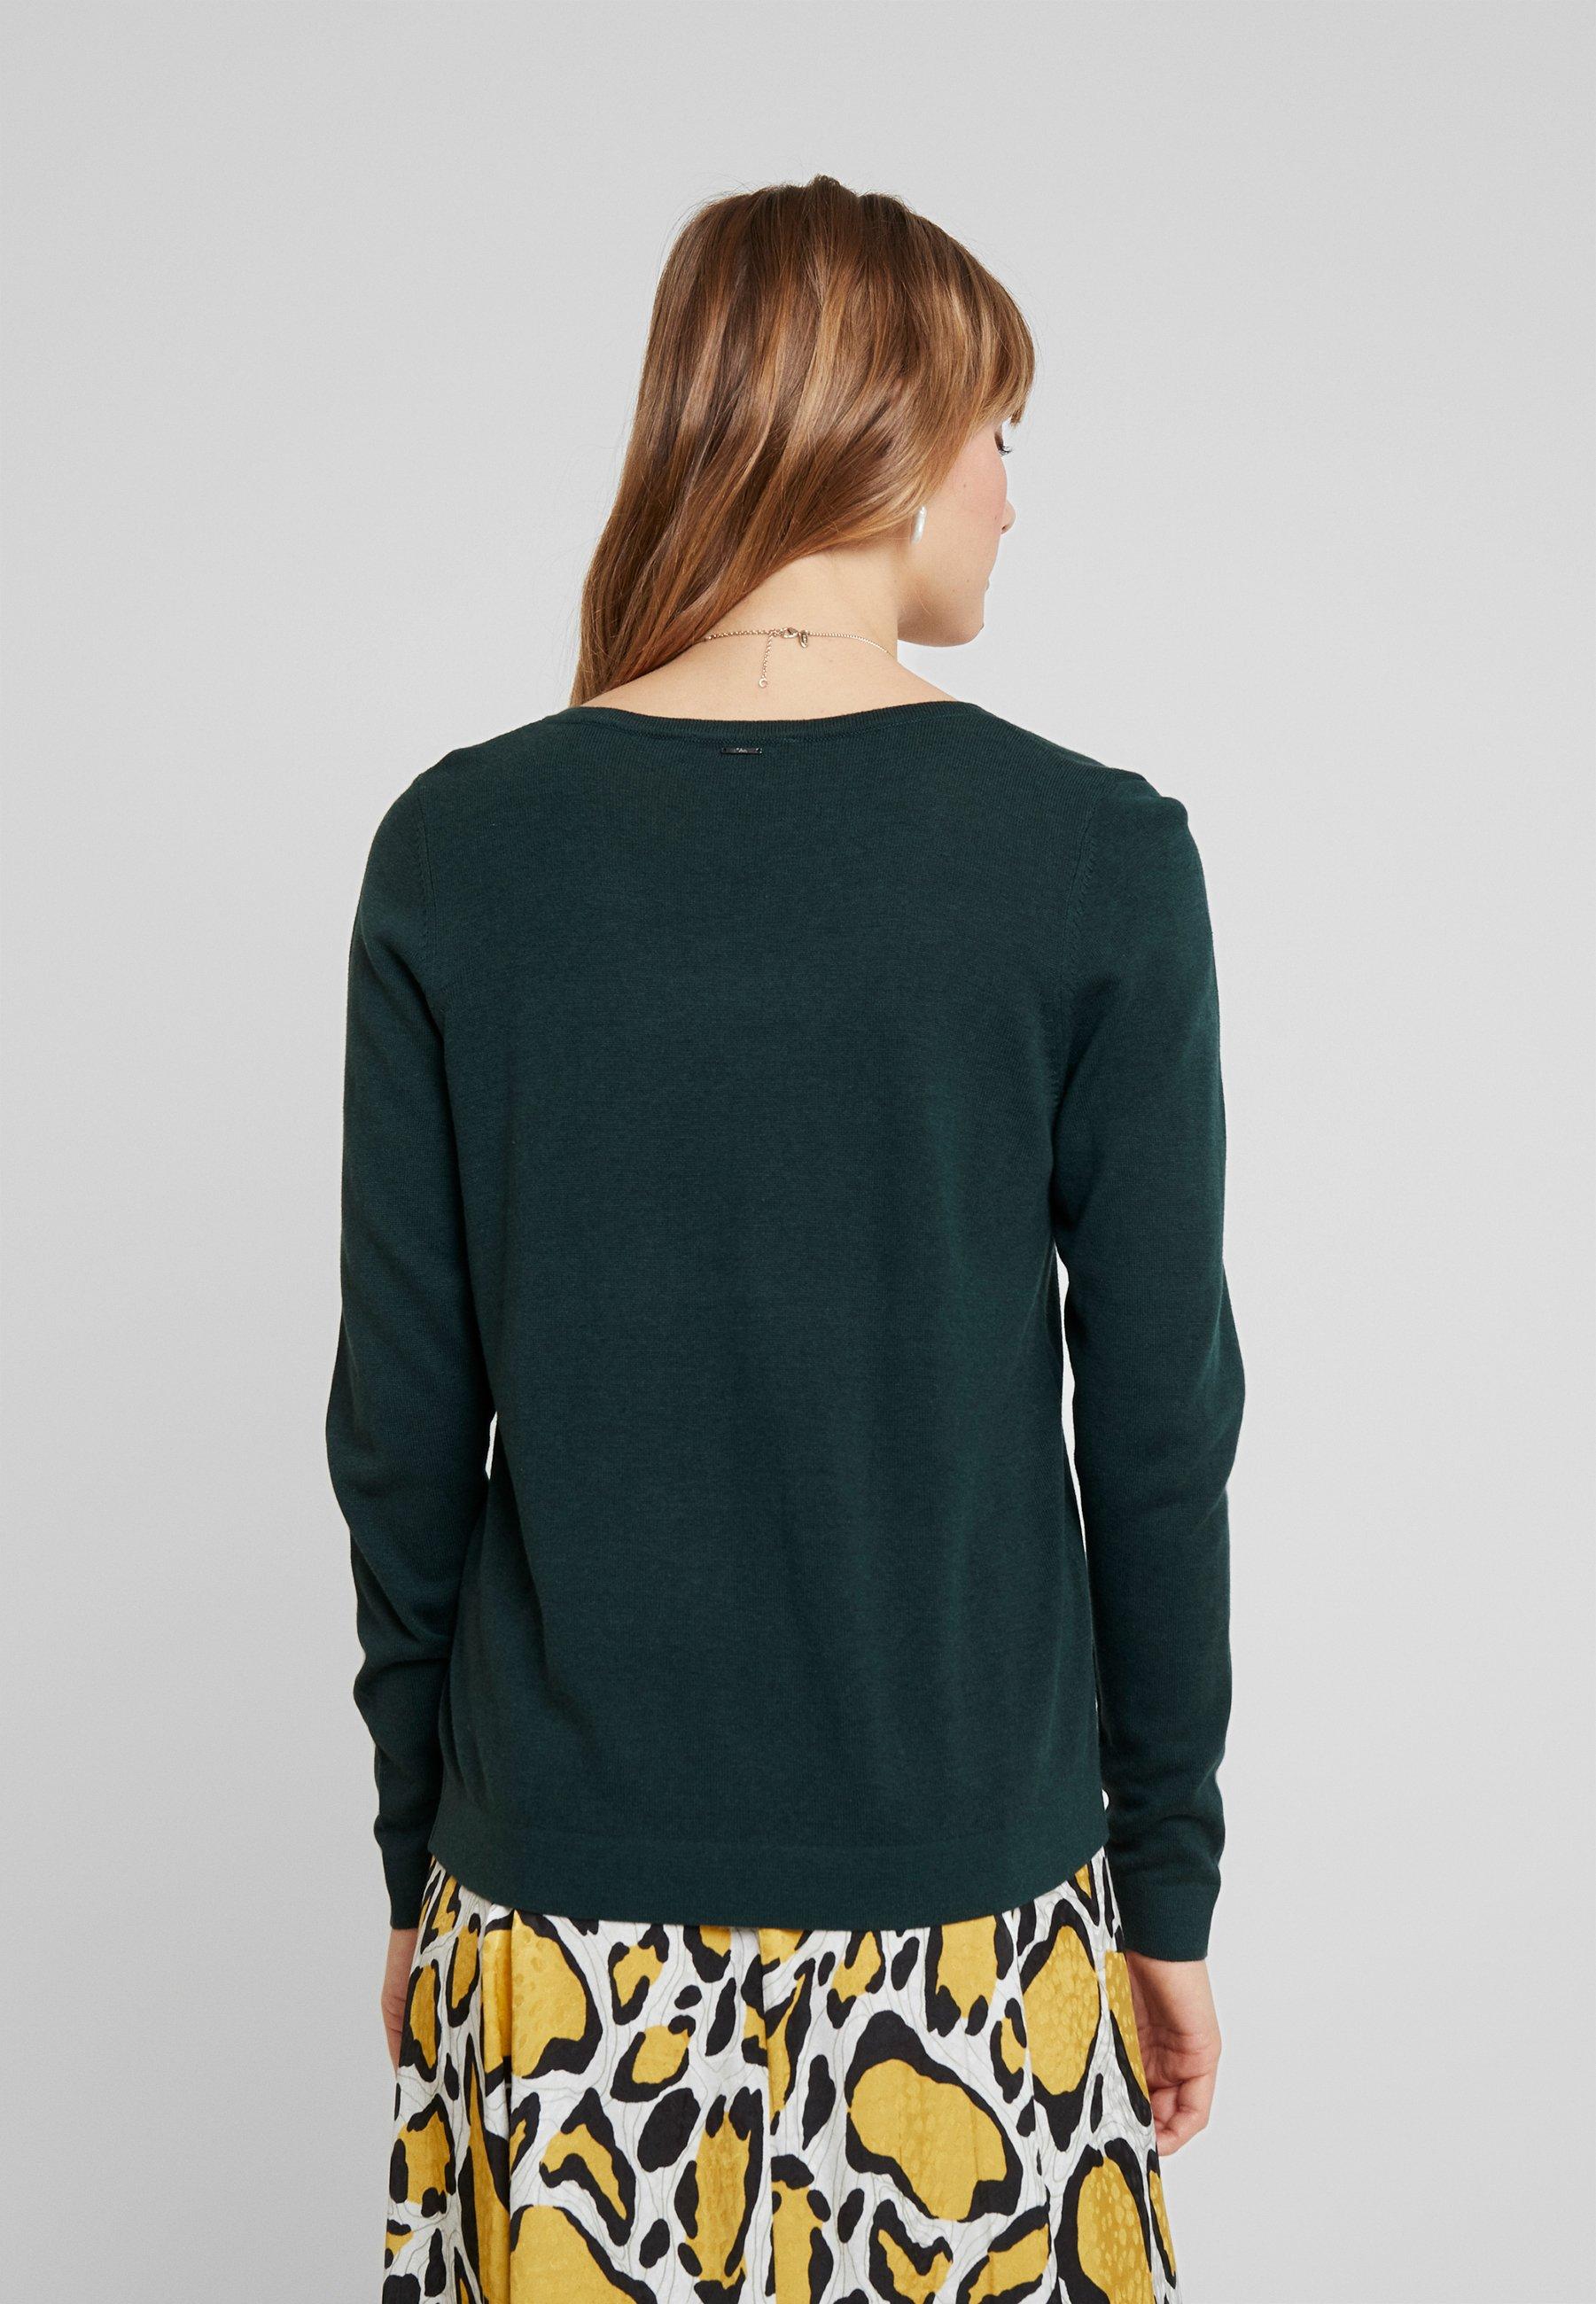 S S LangarmPullover Emerald oliver oliver LangarmPullover S Emerald oliver LangarmPullover vNn80mw